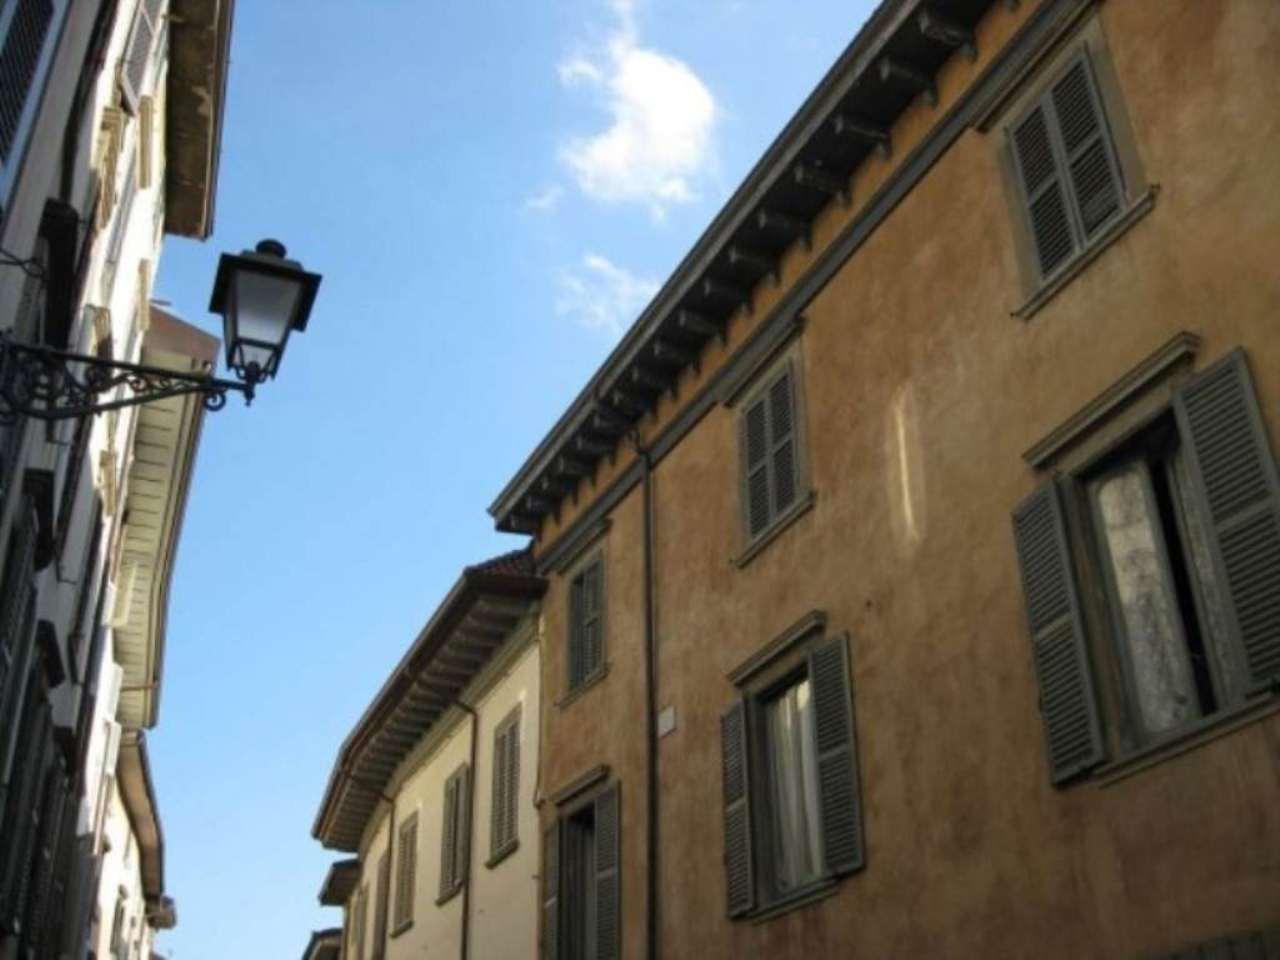 Annunci immobiliari di attici e mansarde in vendita a for Attico bergamo vendita